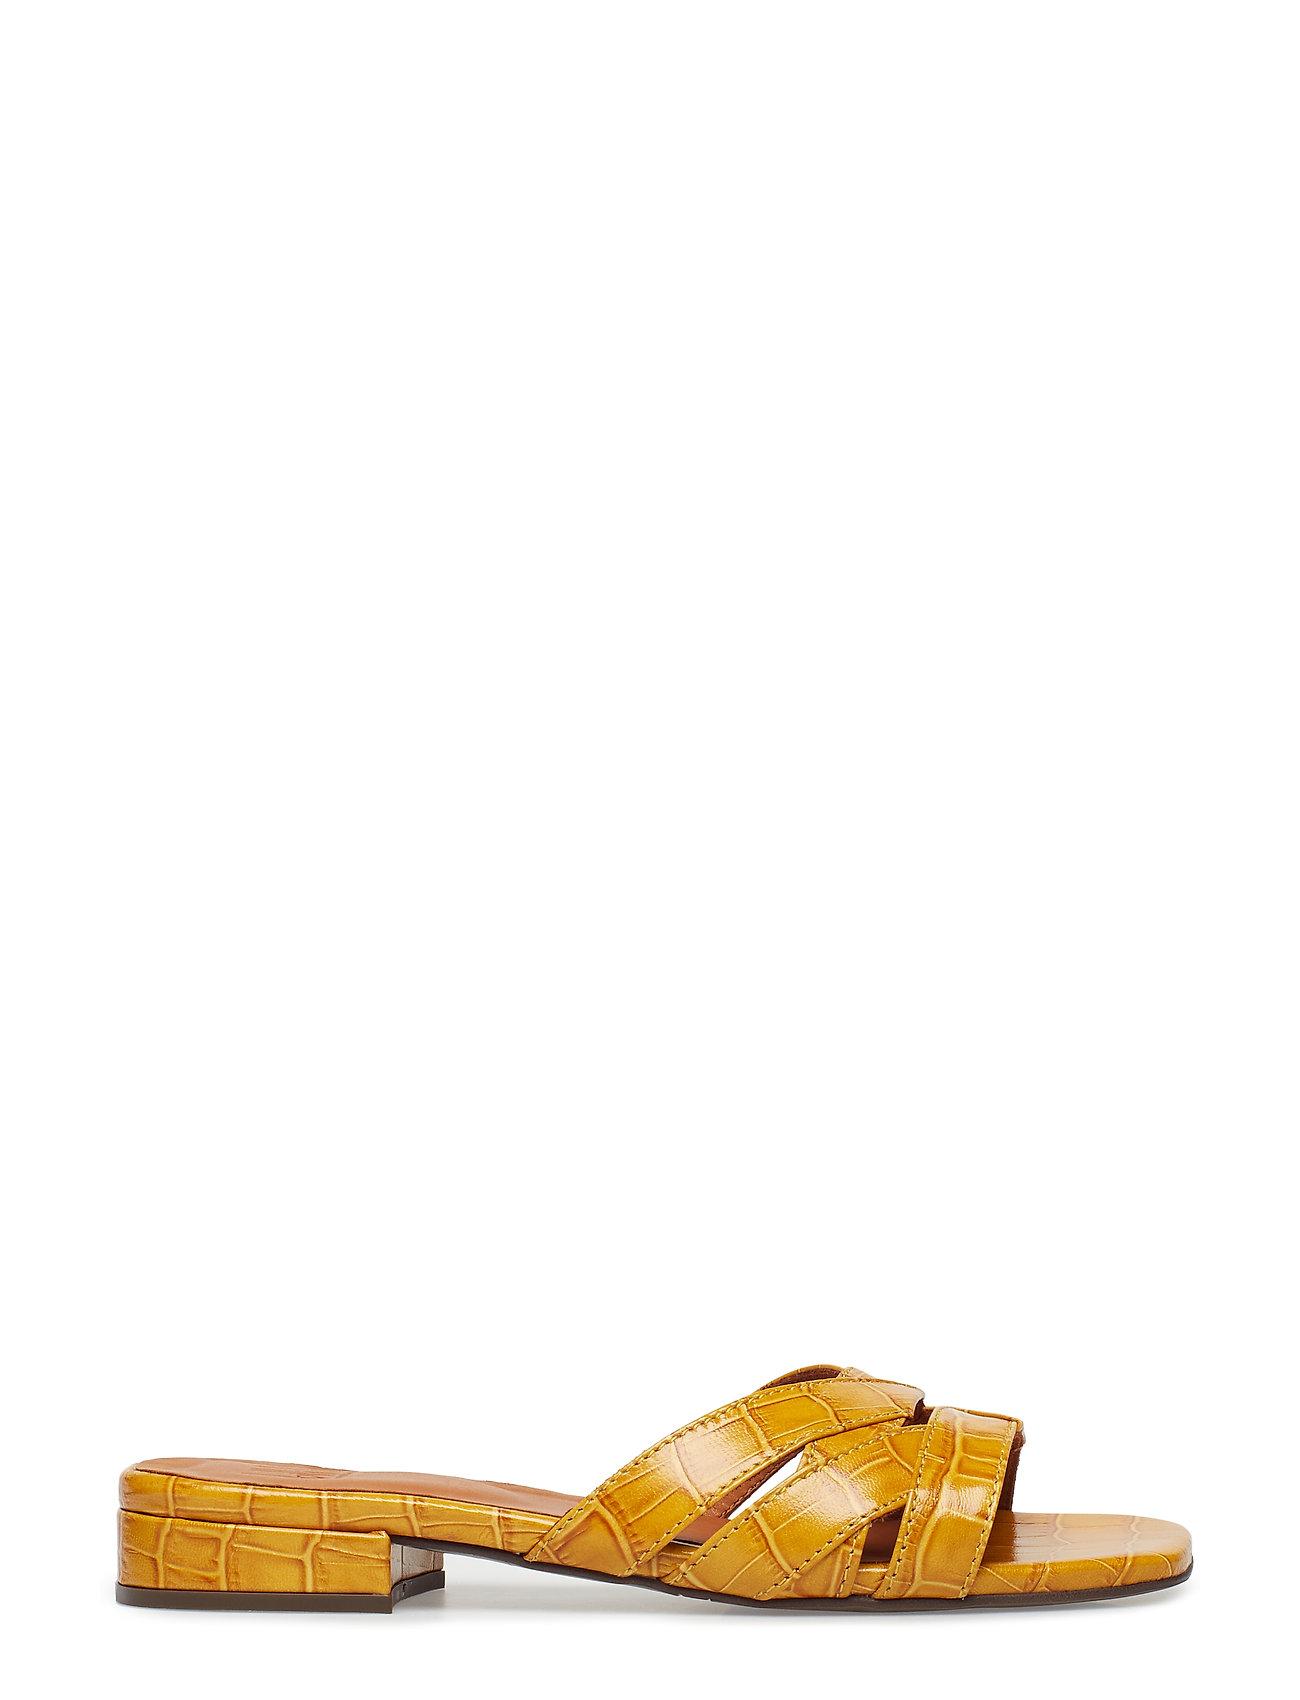 af593677fde Sandals 8717 Flade Sandaler Gul BILLI BI